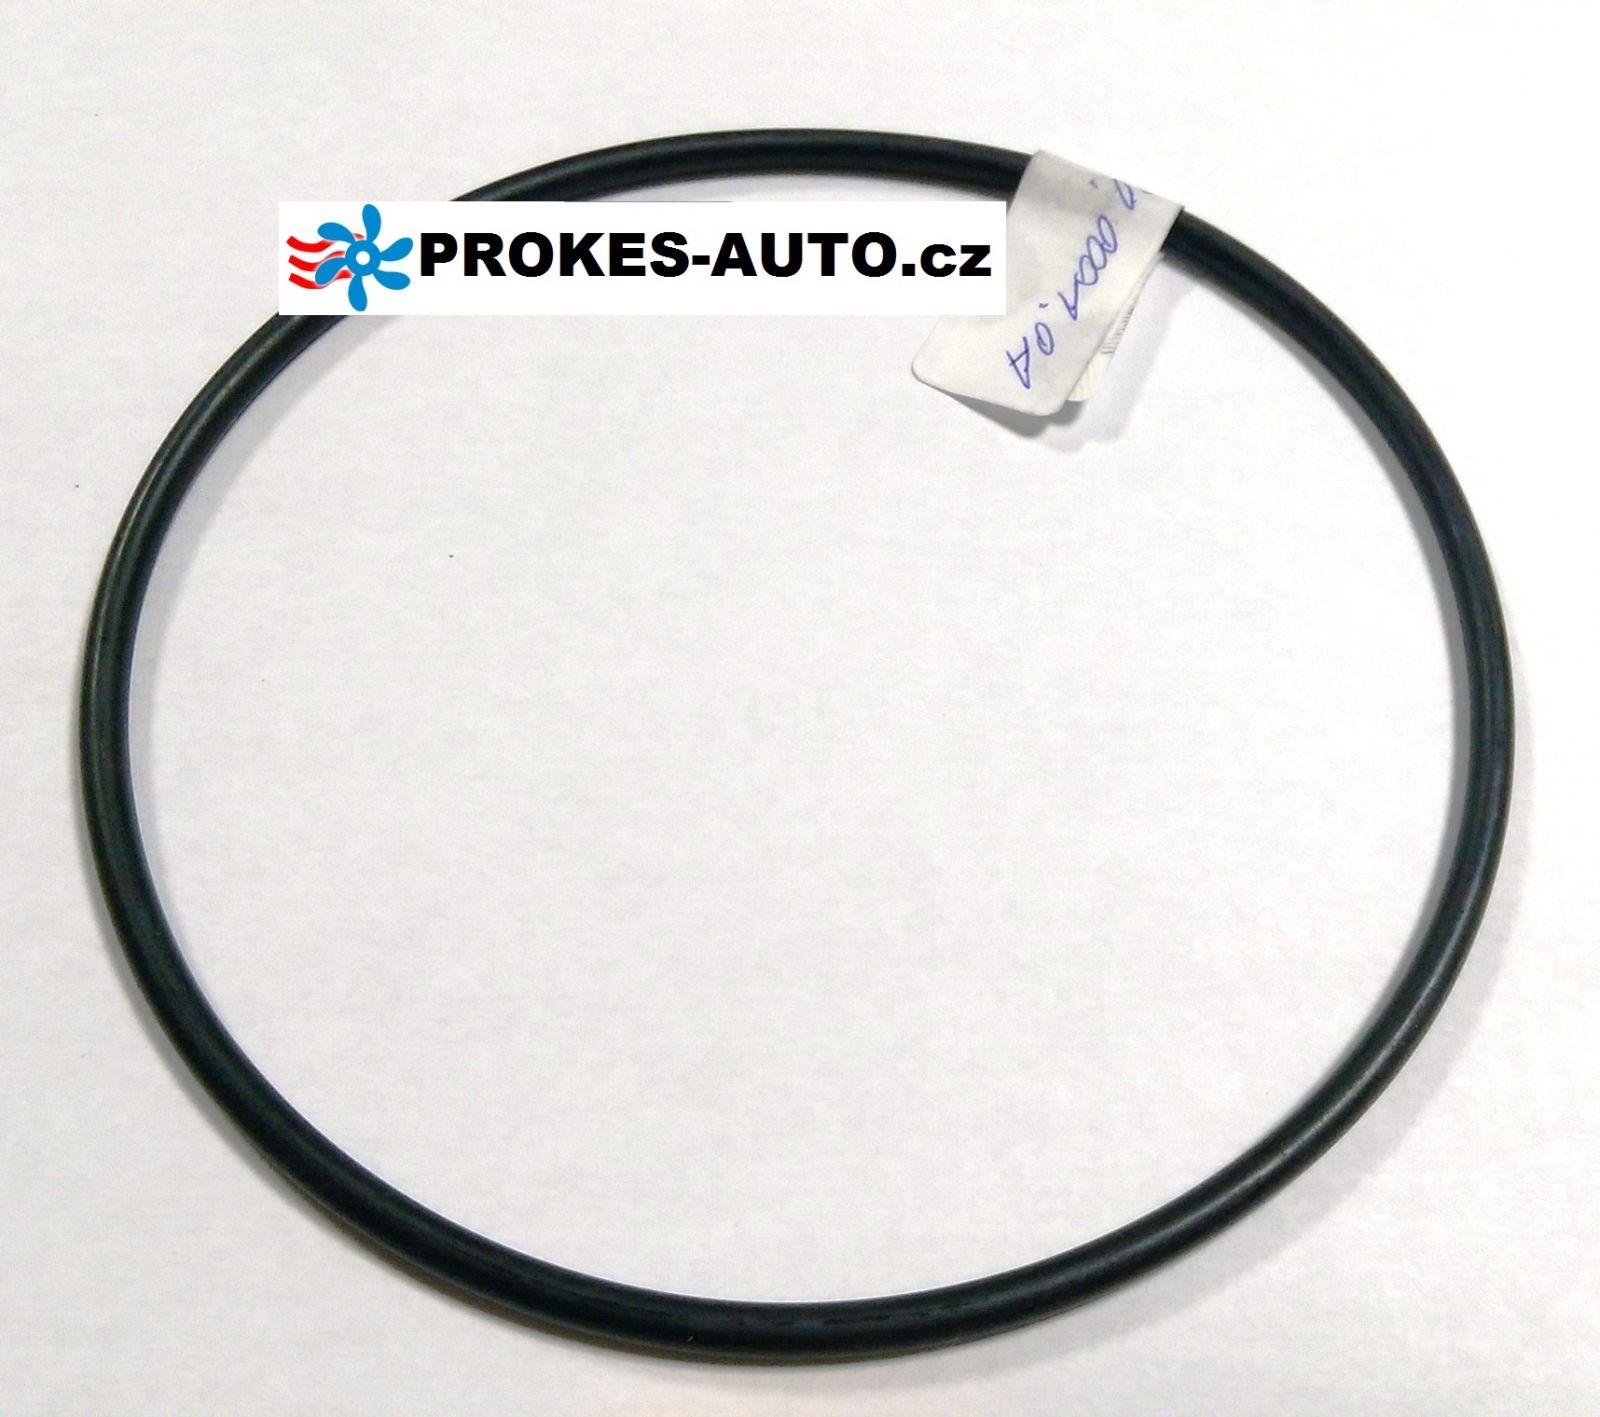 O-krožuek pro výměník tepla Hydronic 10 / D10W / D9W 221000700001 Eberspächer